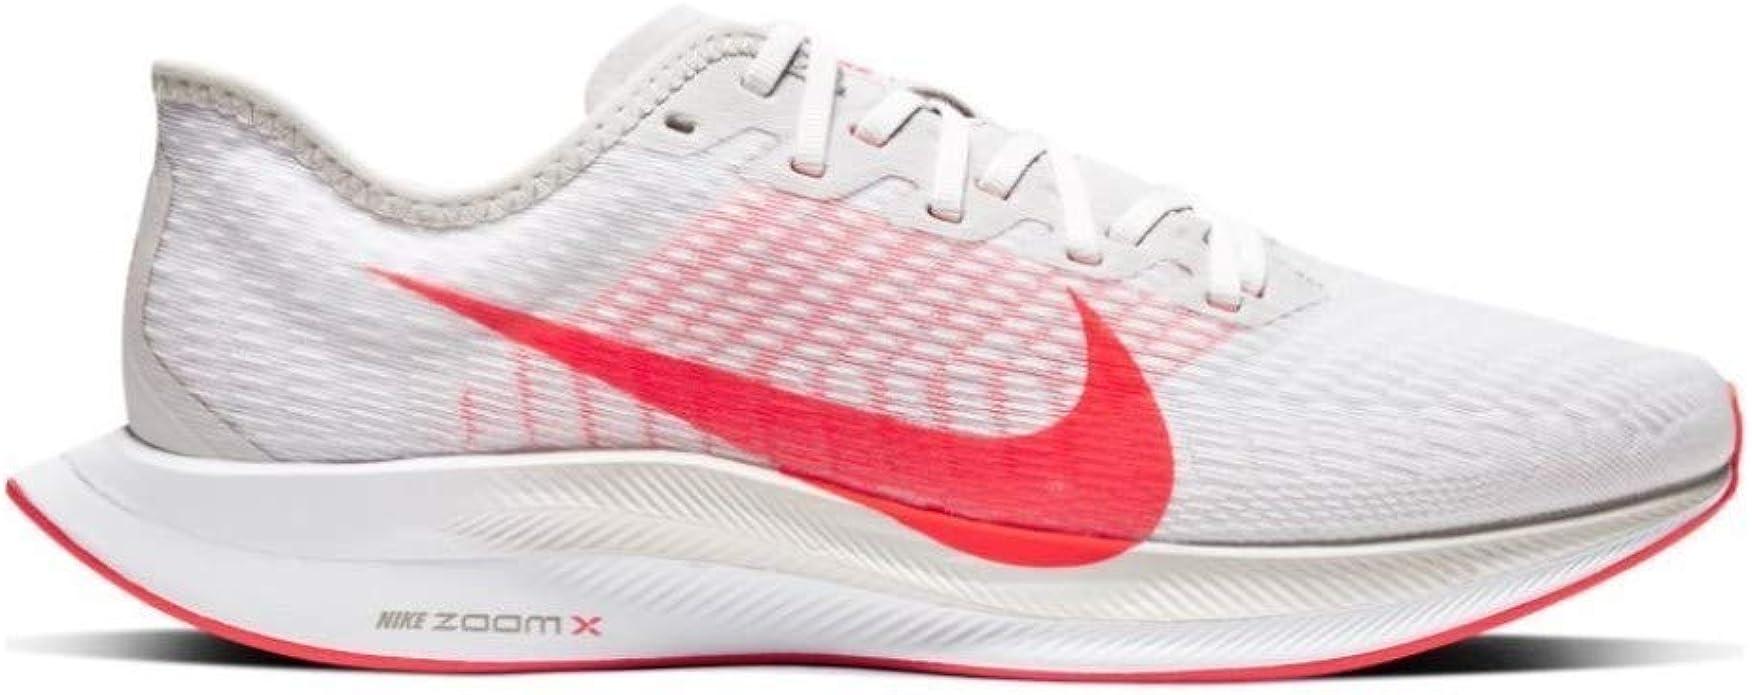 Nike Zoom Pegasus Turbo 2 Herren Laufschuhe At2863 008, Weiá